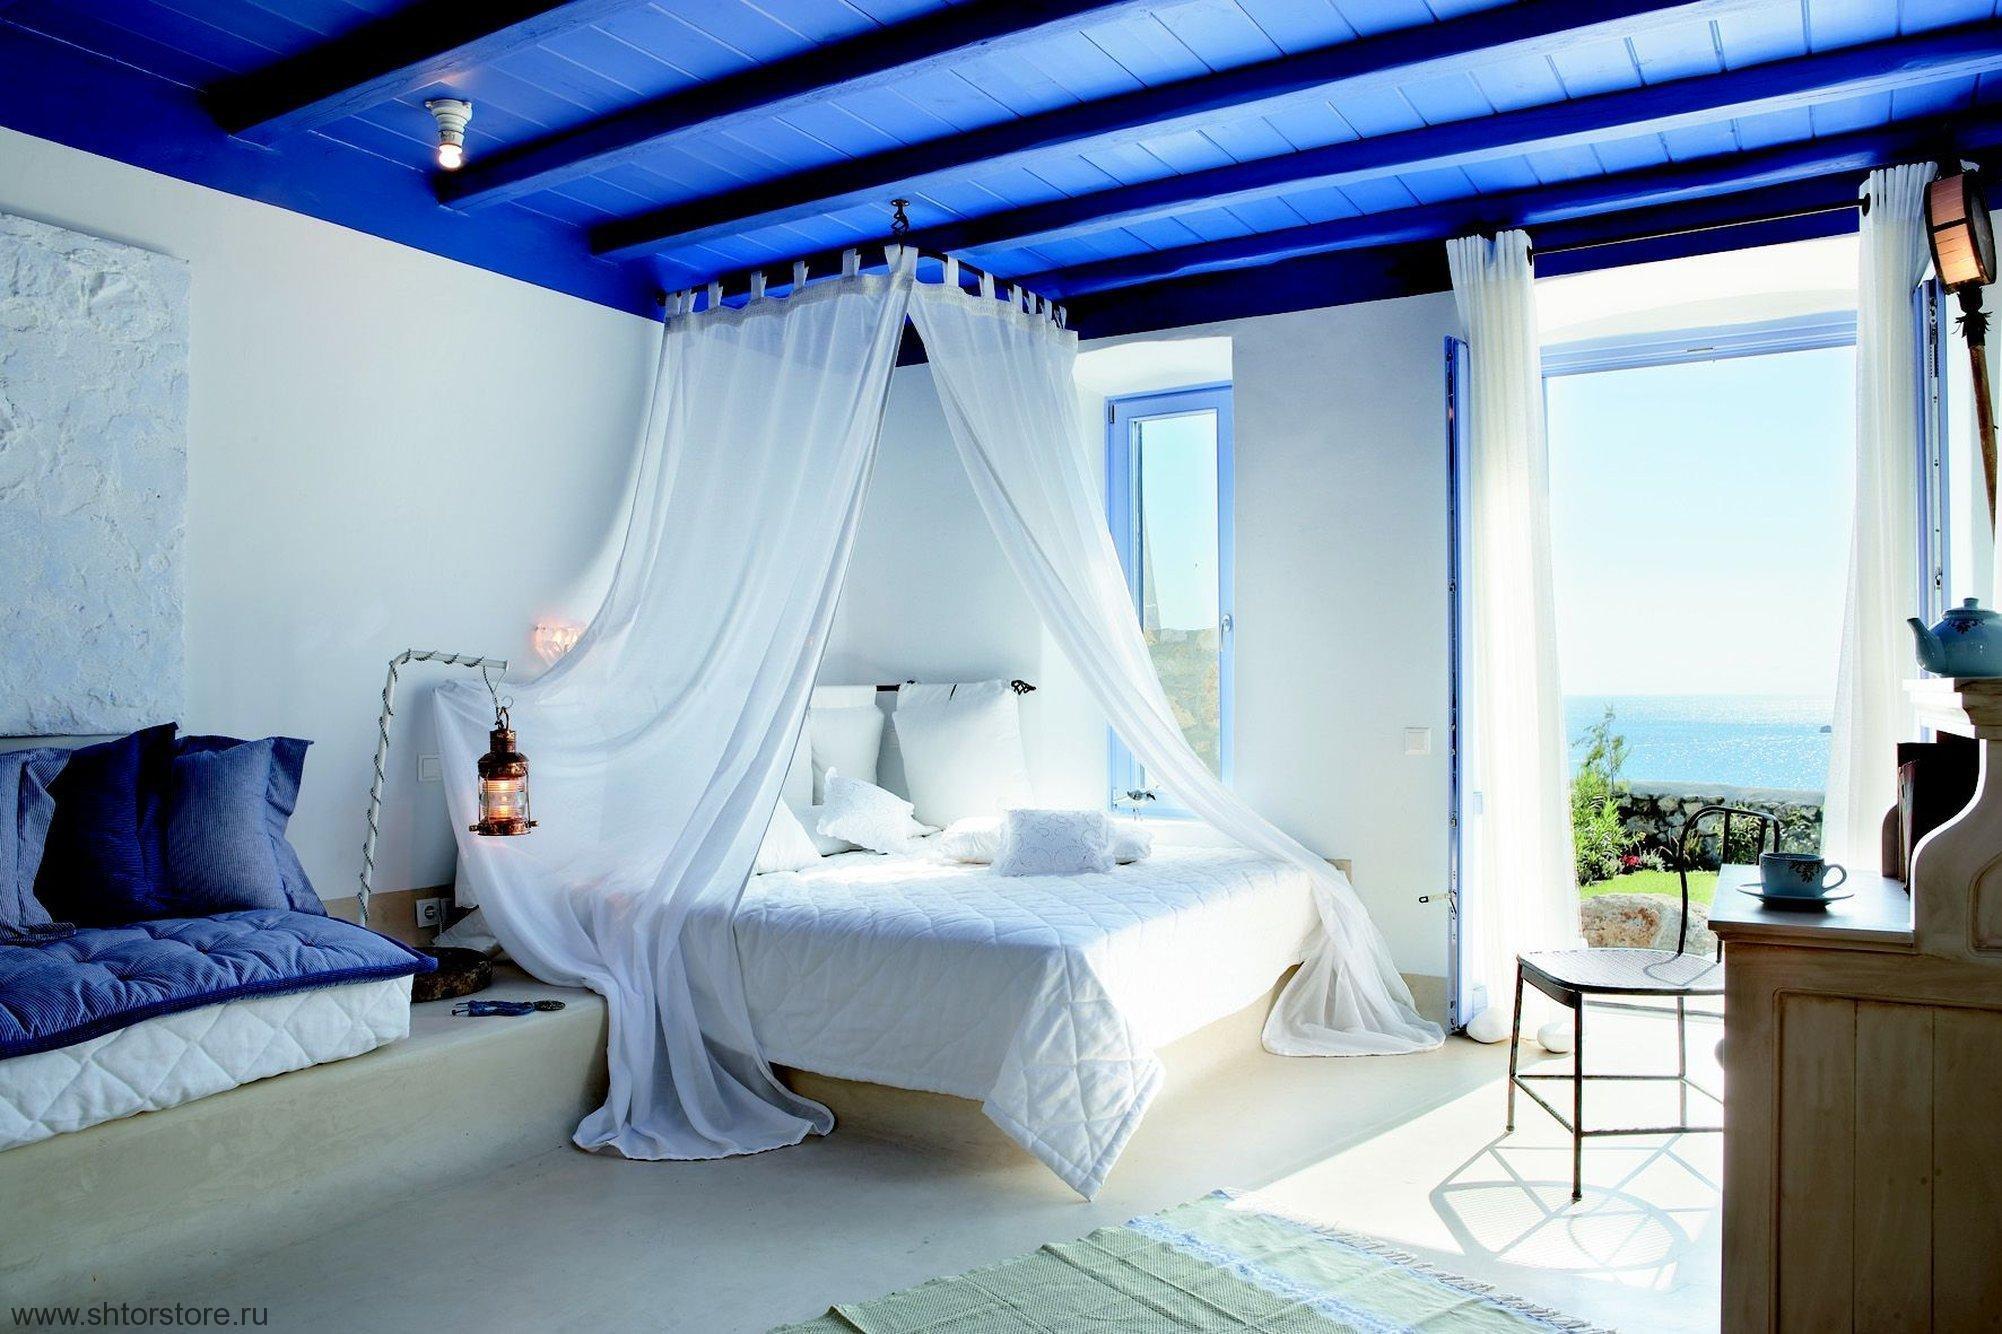 Средиземноморский стиль в дизайне интерьера и его характерные особенности